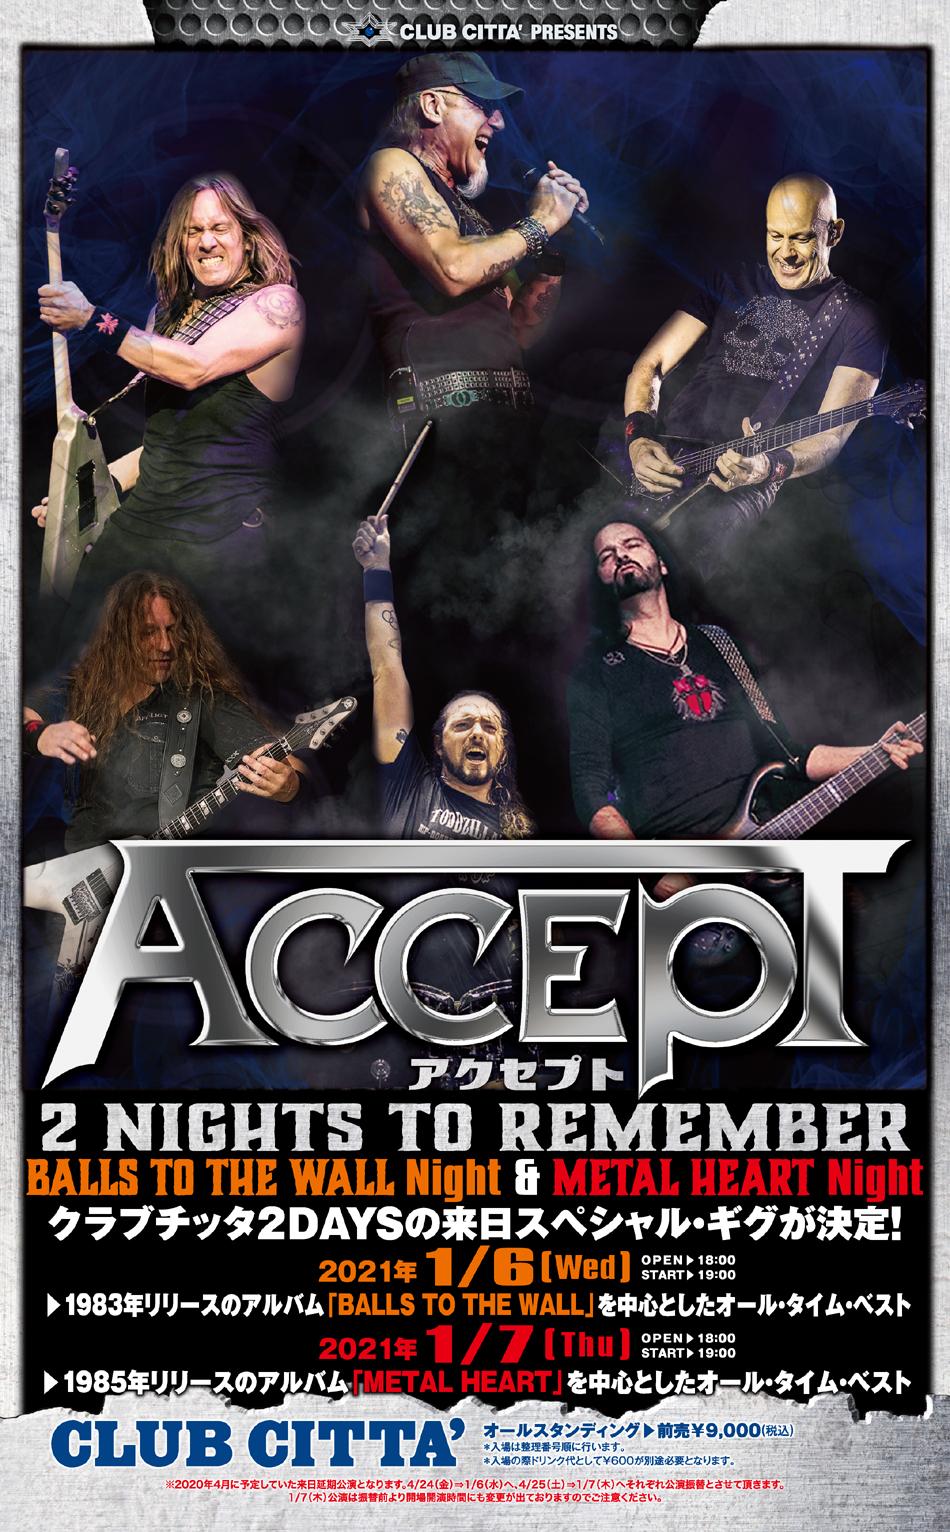 Accept @ Club Citta, Kawasaki, Japan 2021